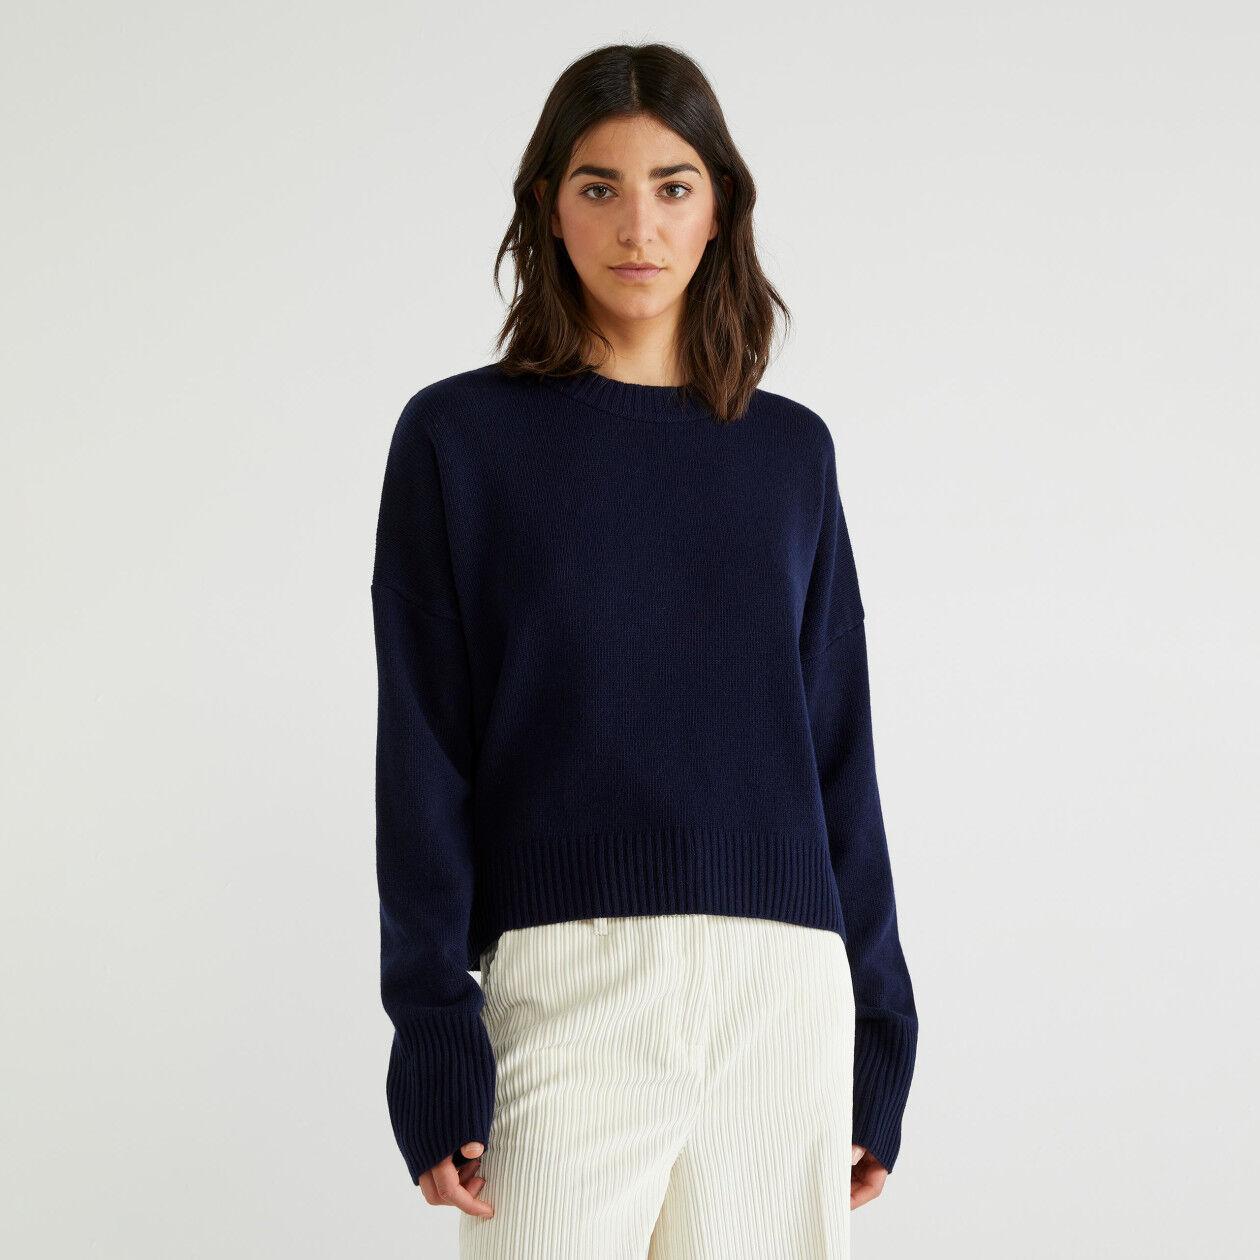 Μπλούζα από ανάμεικτο μάλλινο